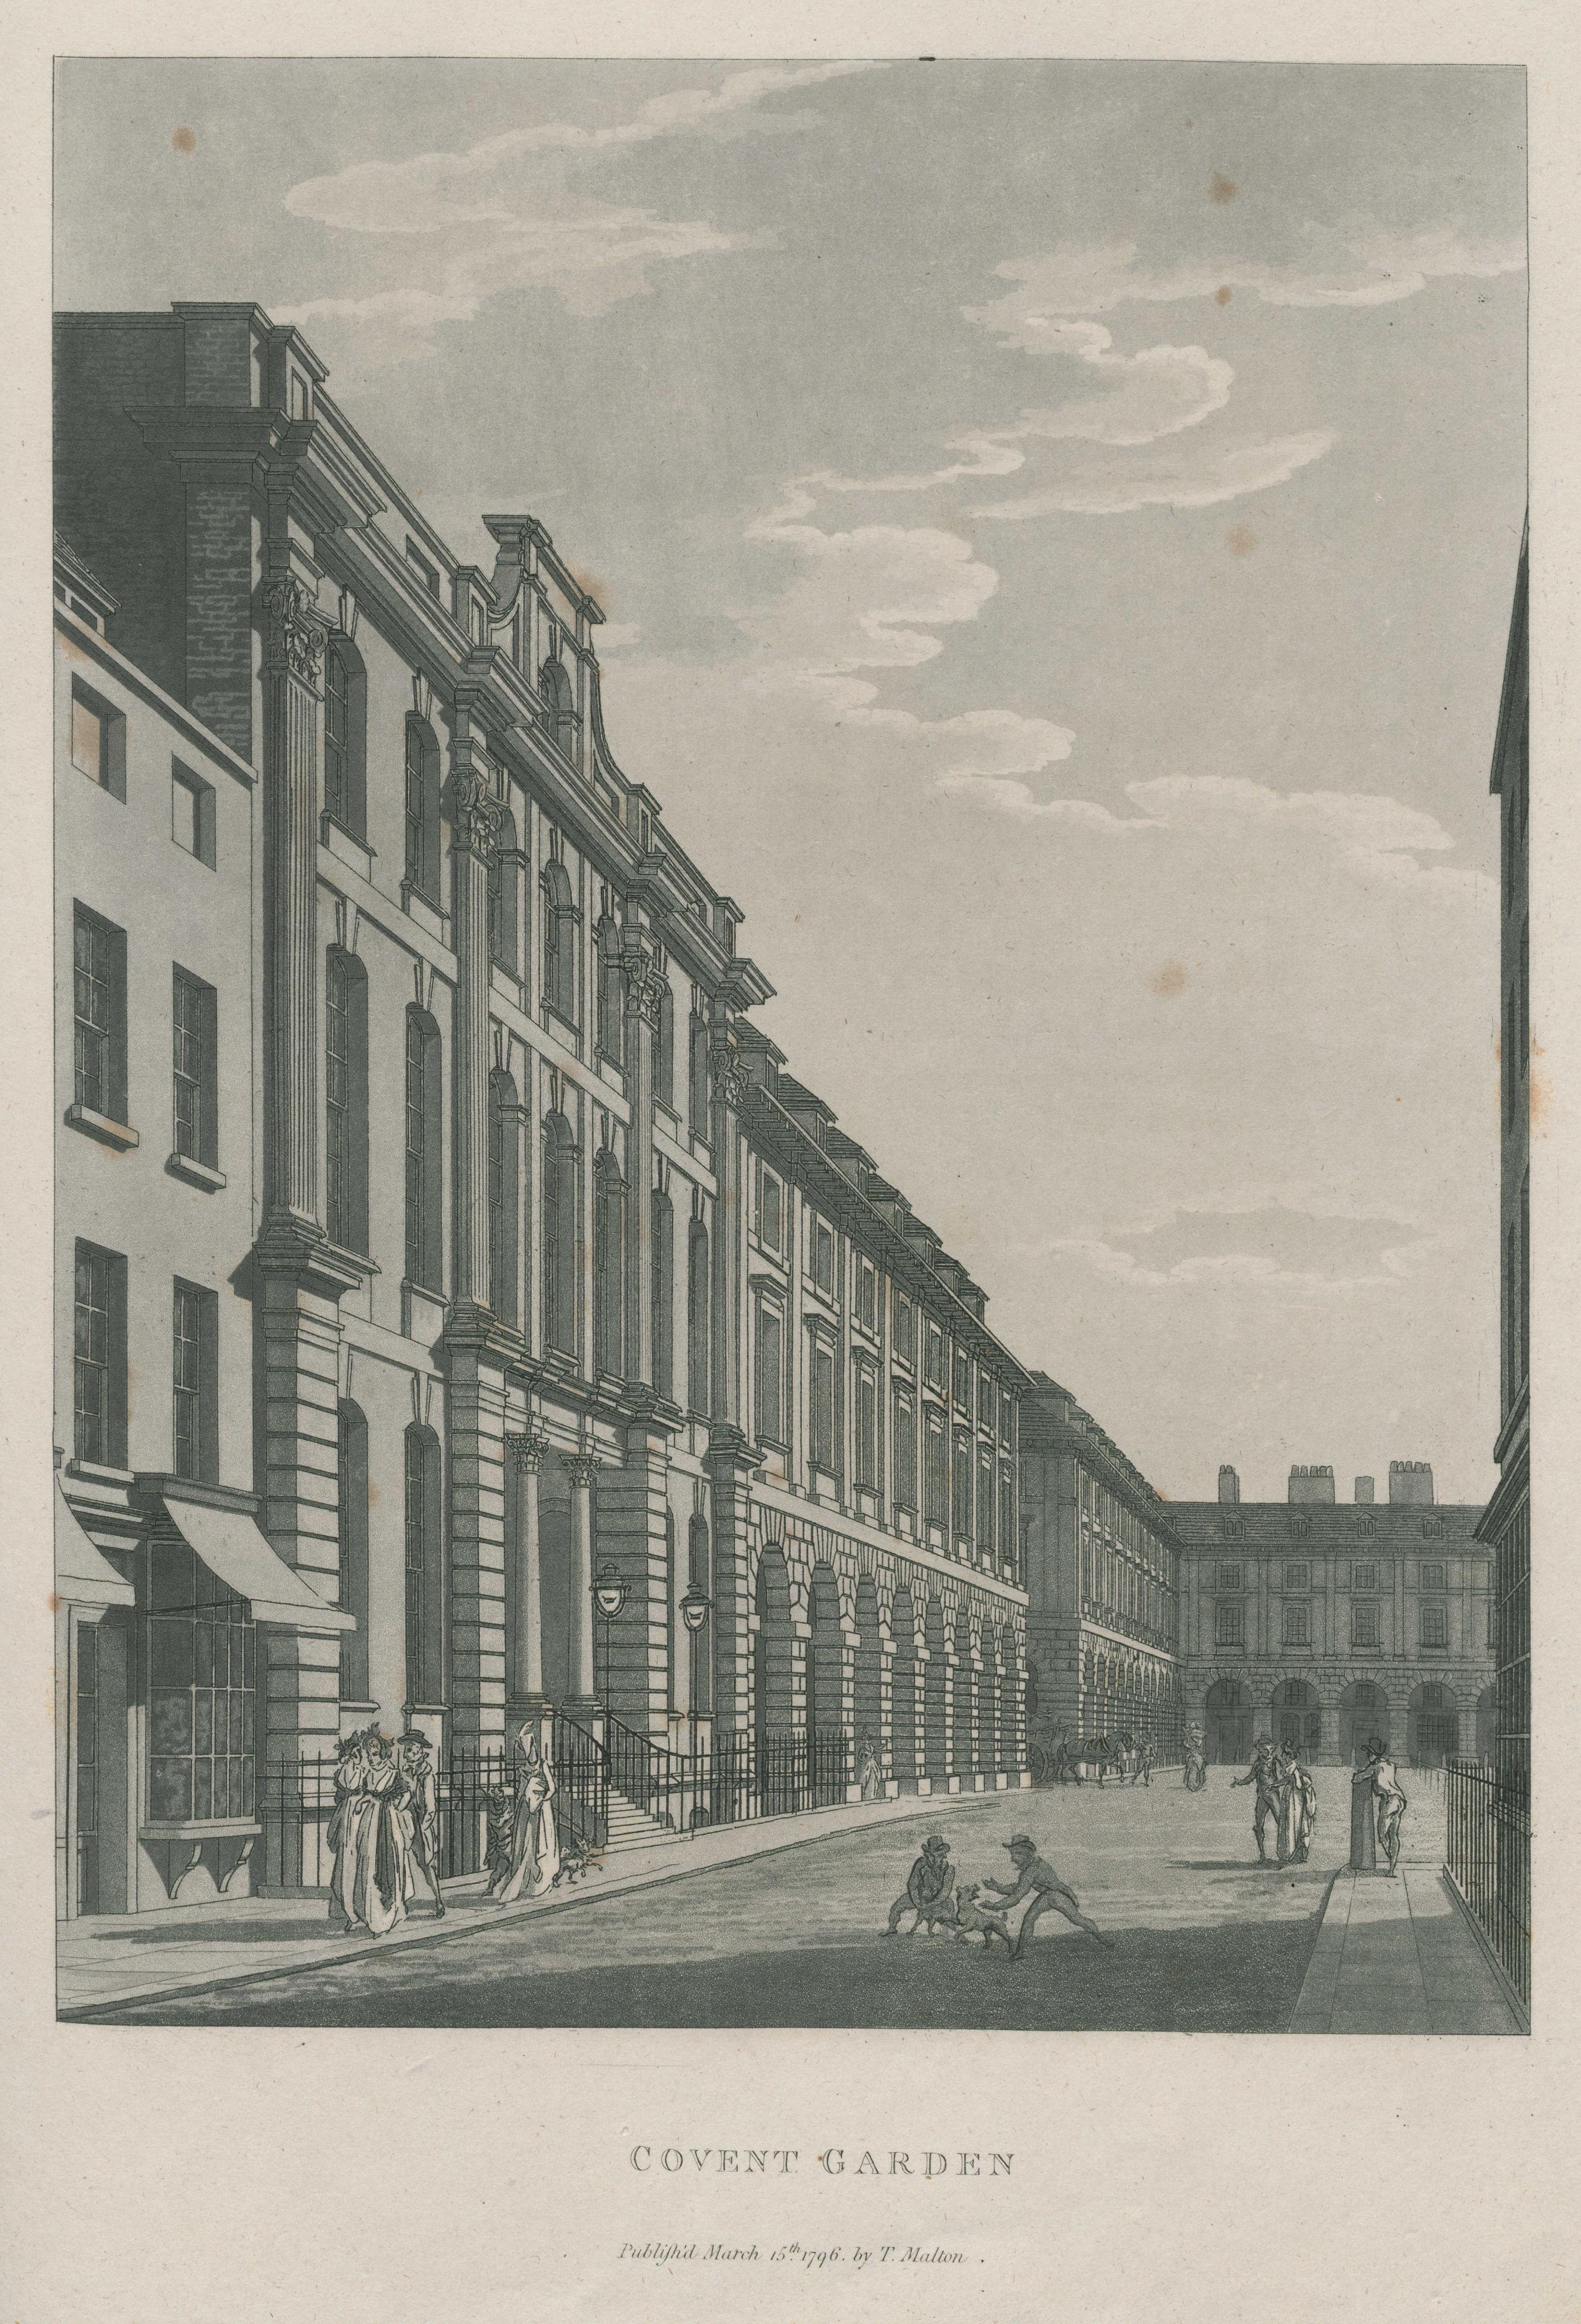 034 - Malton - Covent Garden